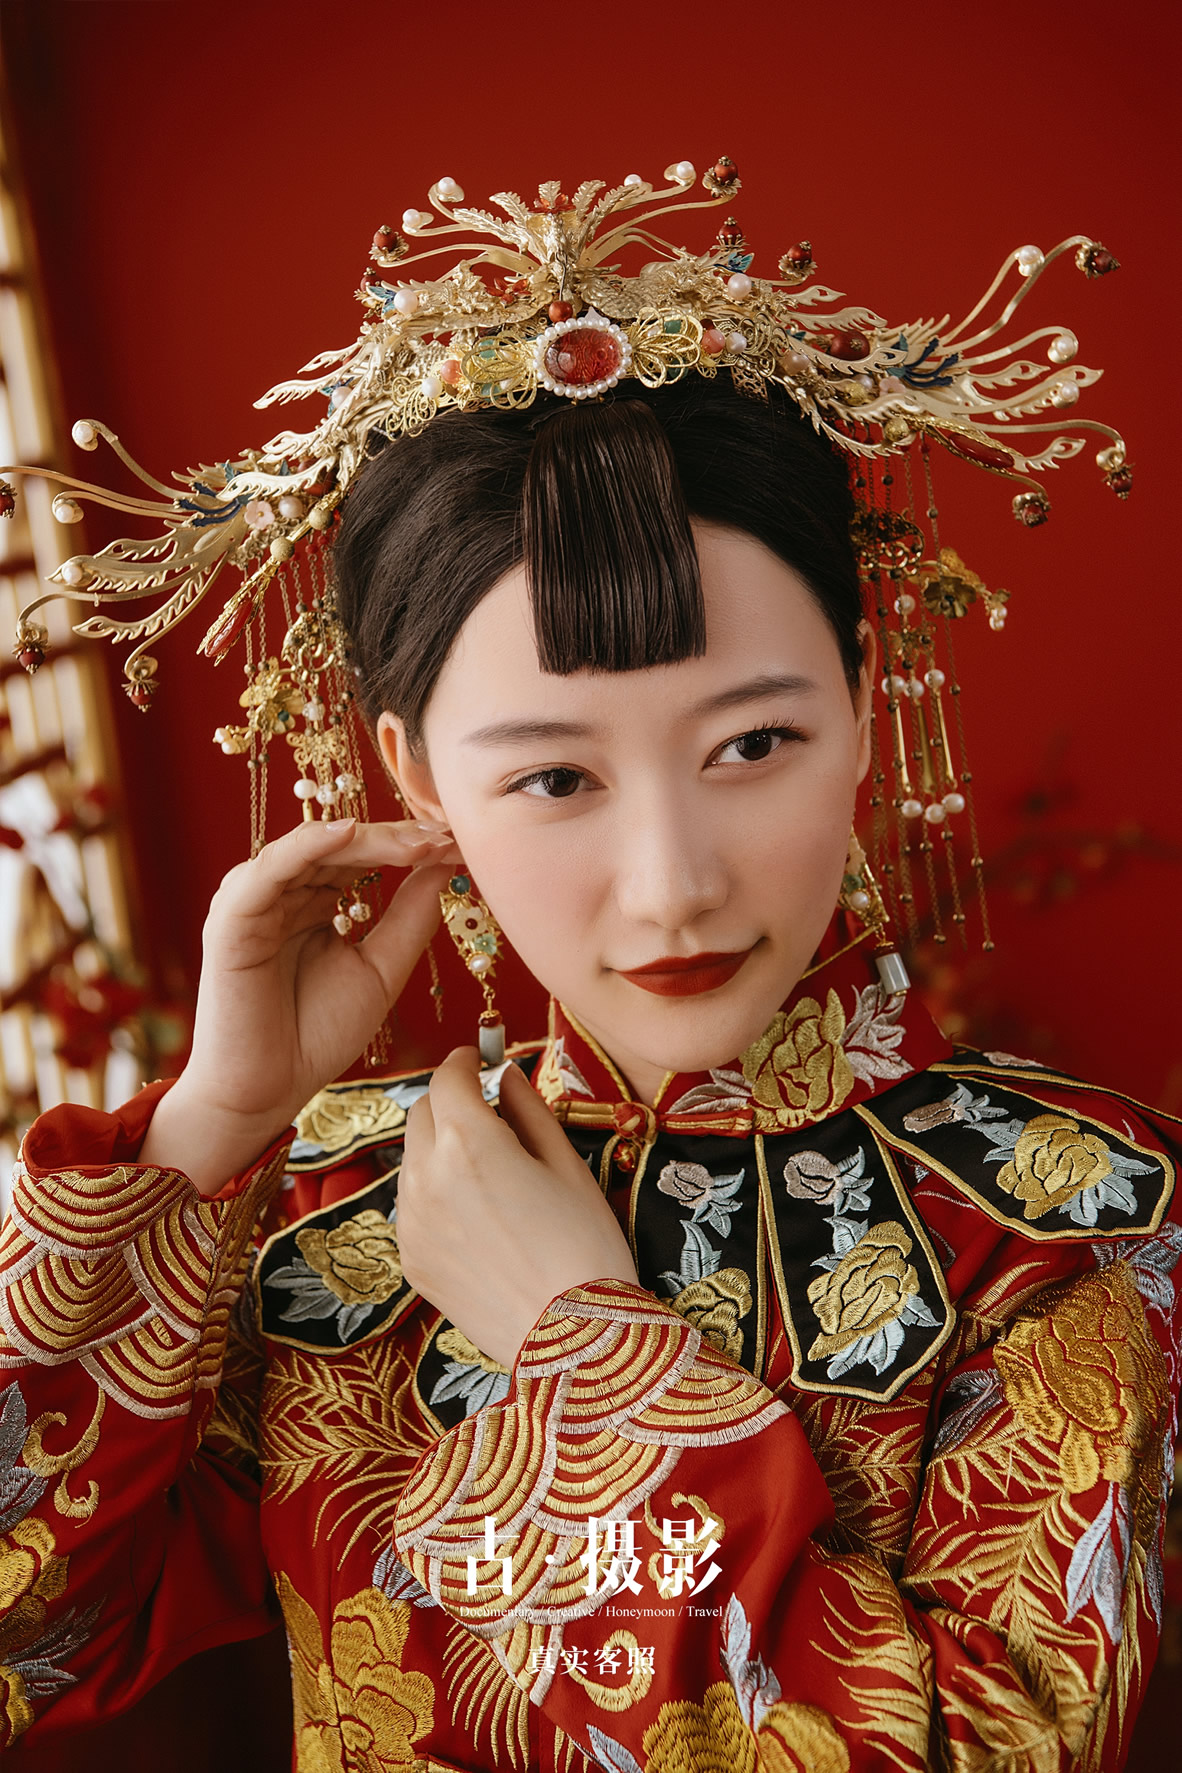 帅先生 荣小姐 - 每日客照 - 古摄影婚纱艺术-古摄影成都婚纱摄影艺术摄影网